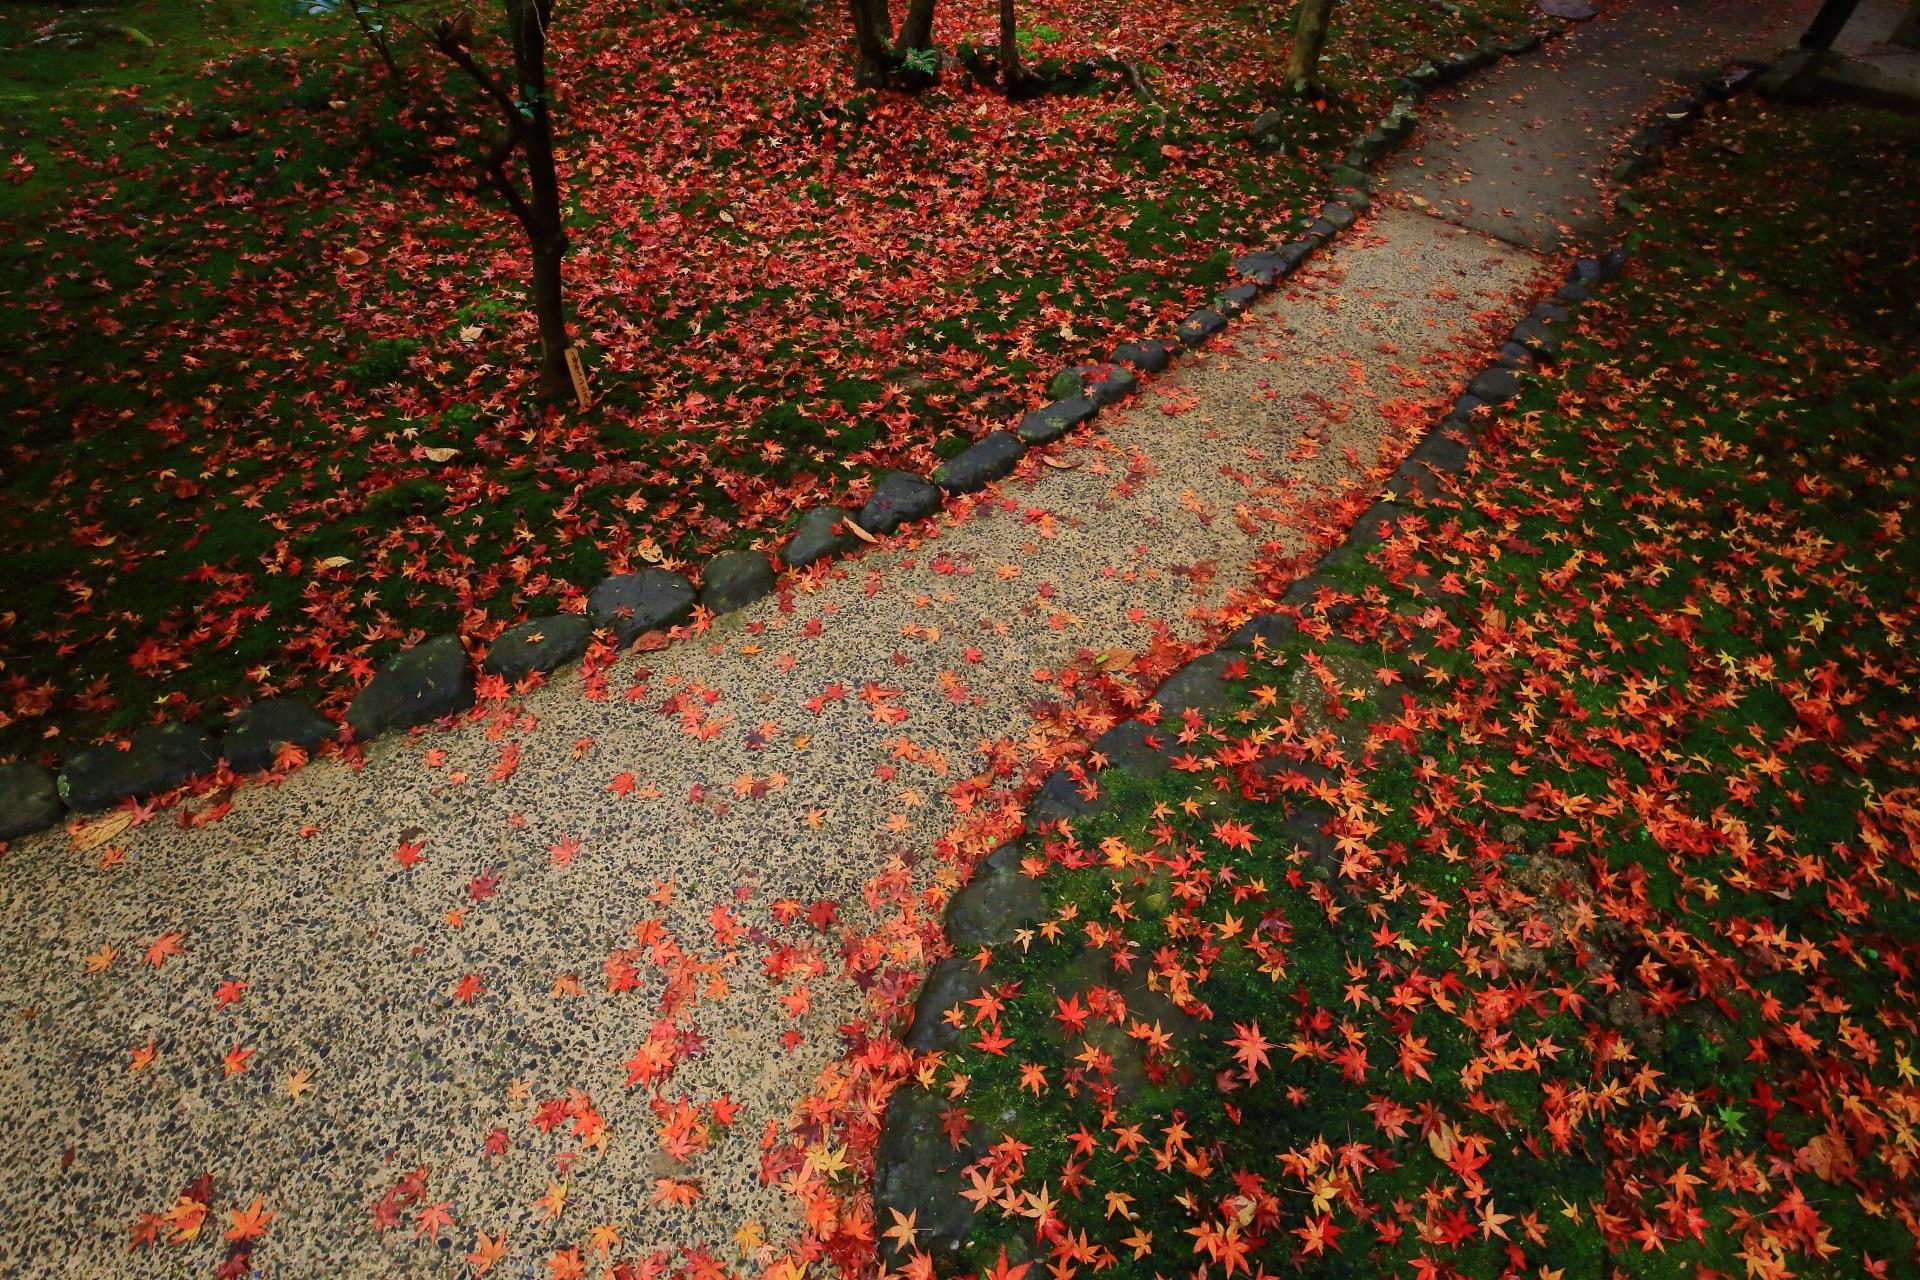 楽しく賑やかな雰囲気もする散り紅葉の参道